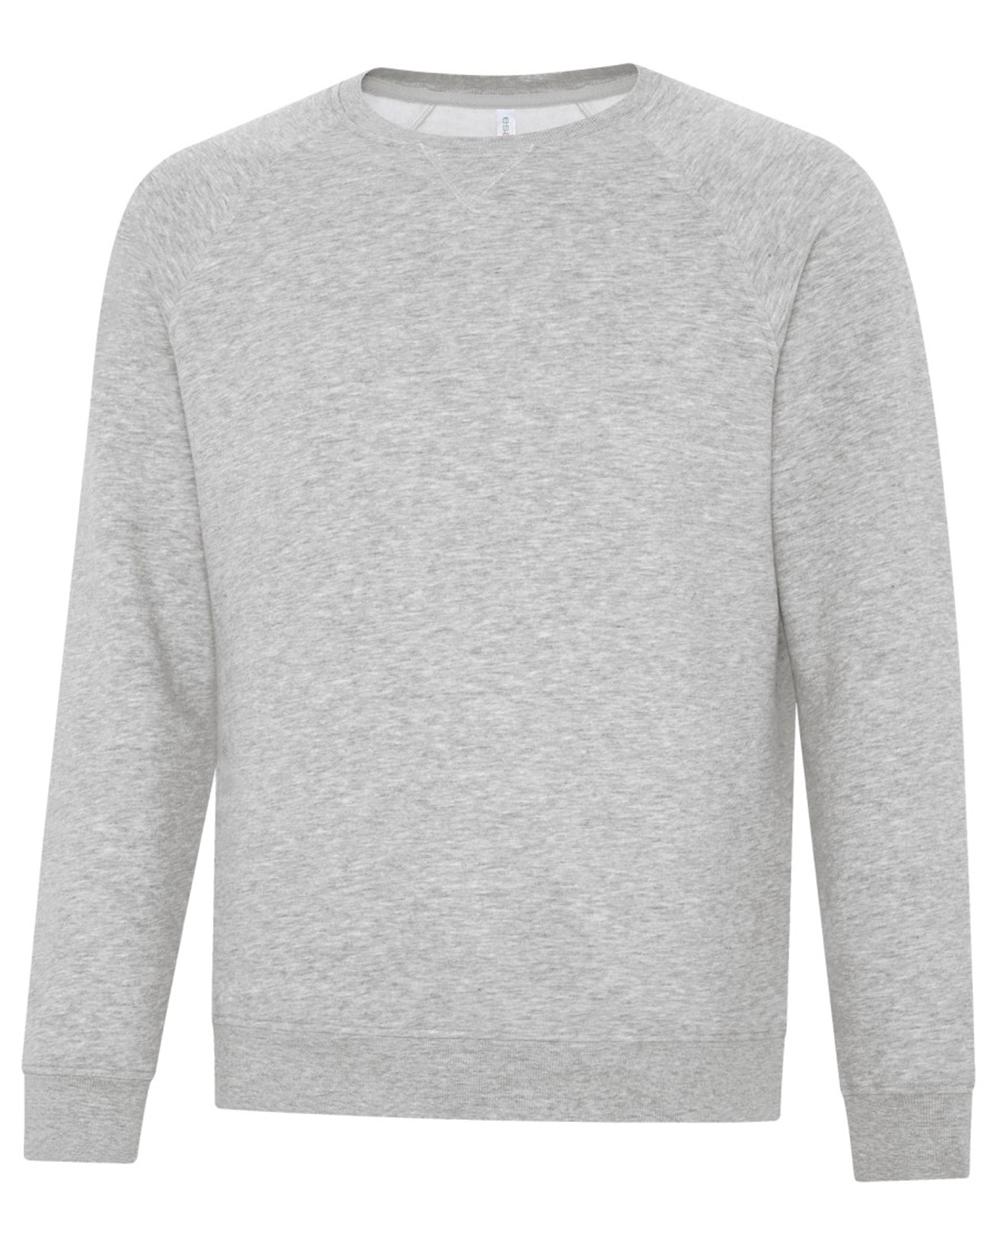 ES Active Vintage Crewneck Sweatshirt